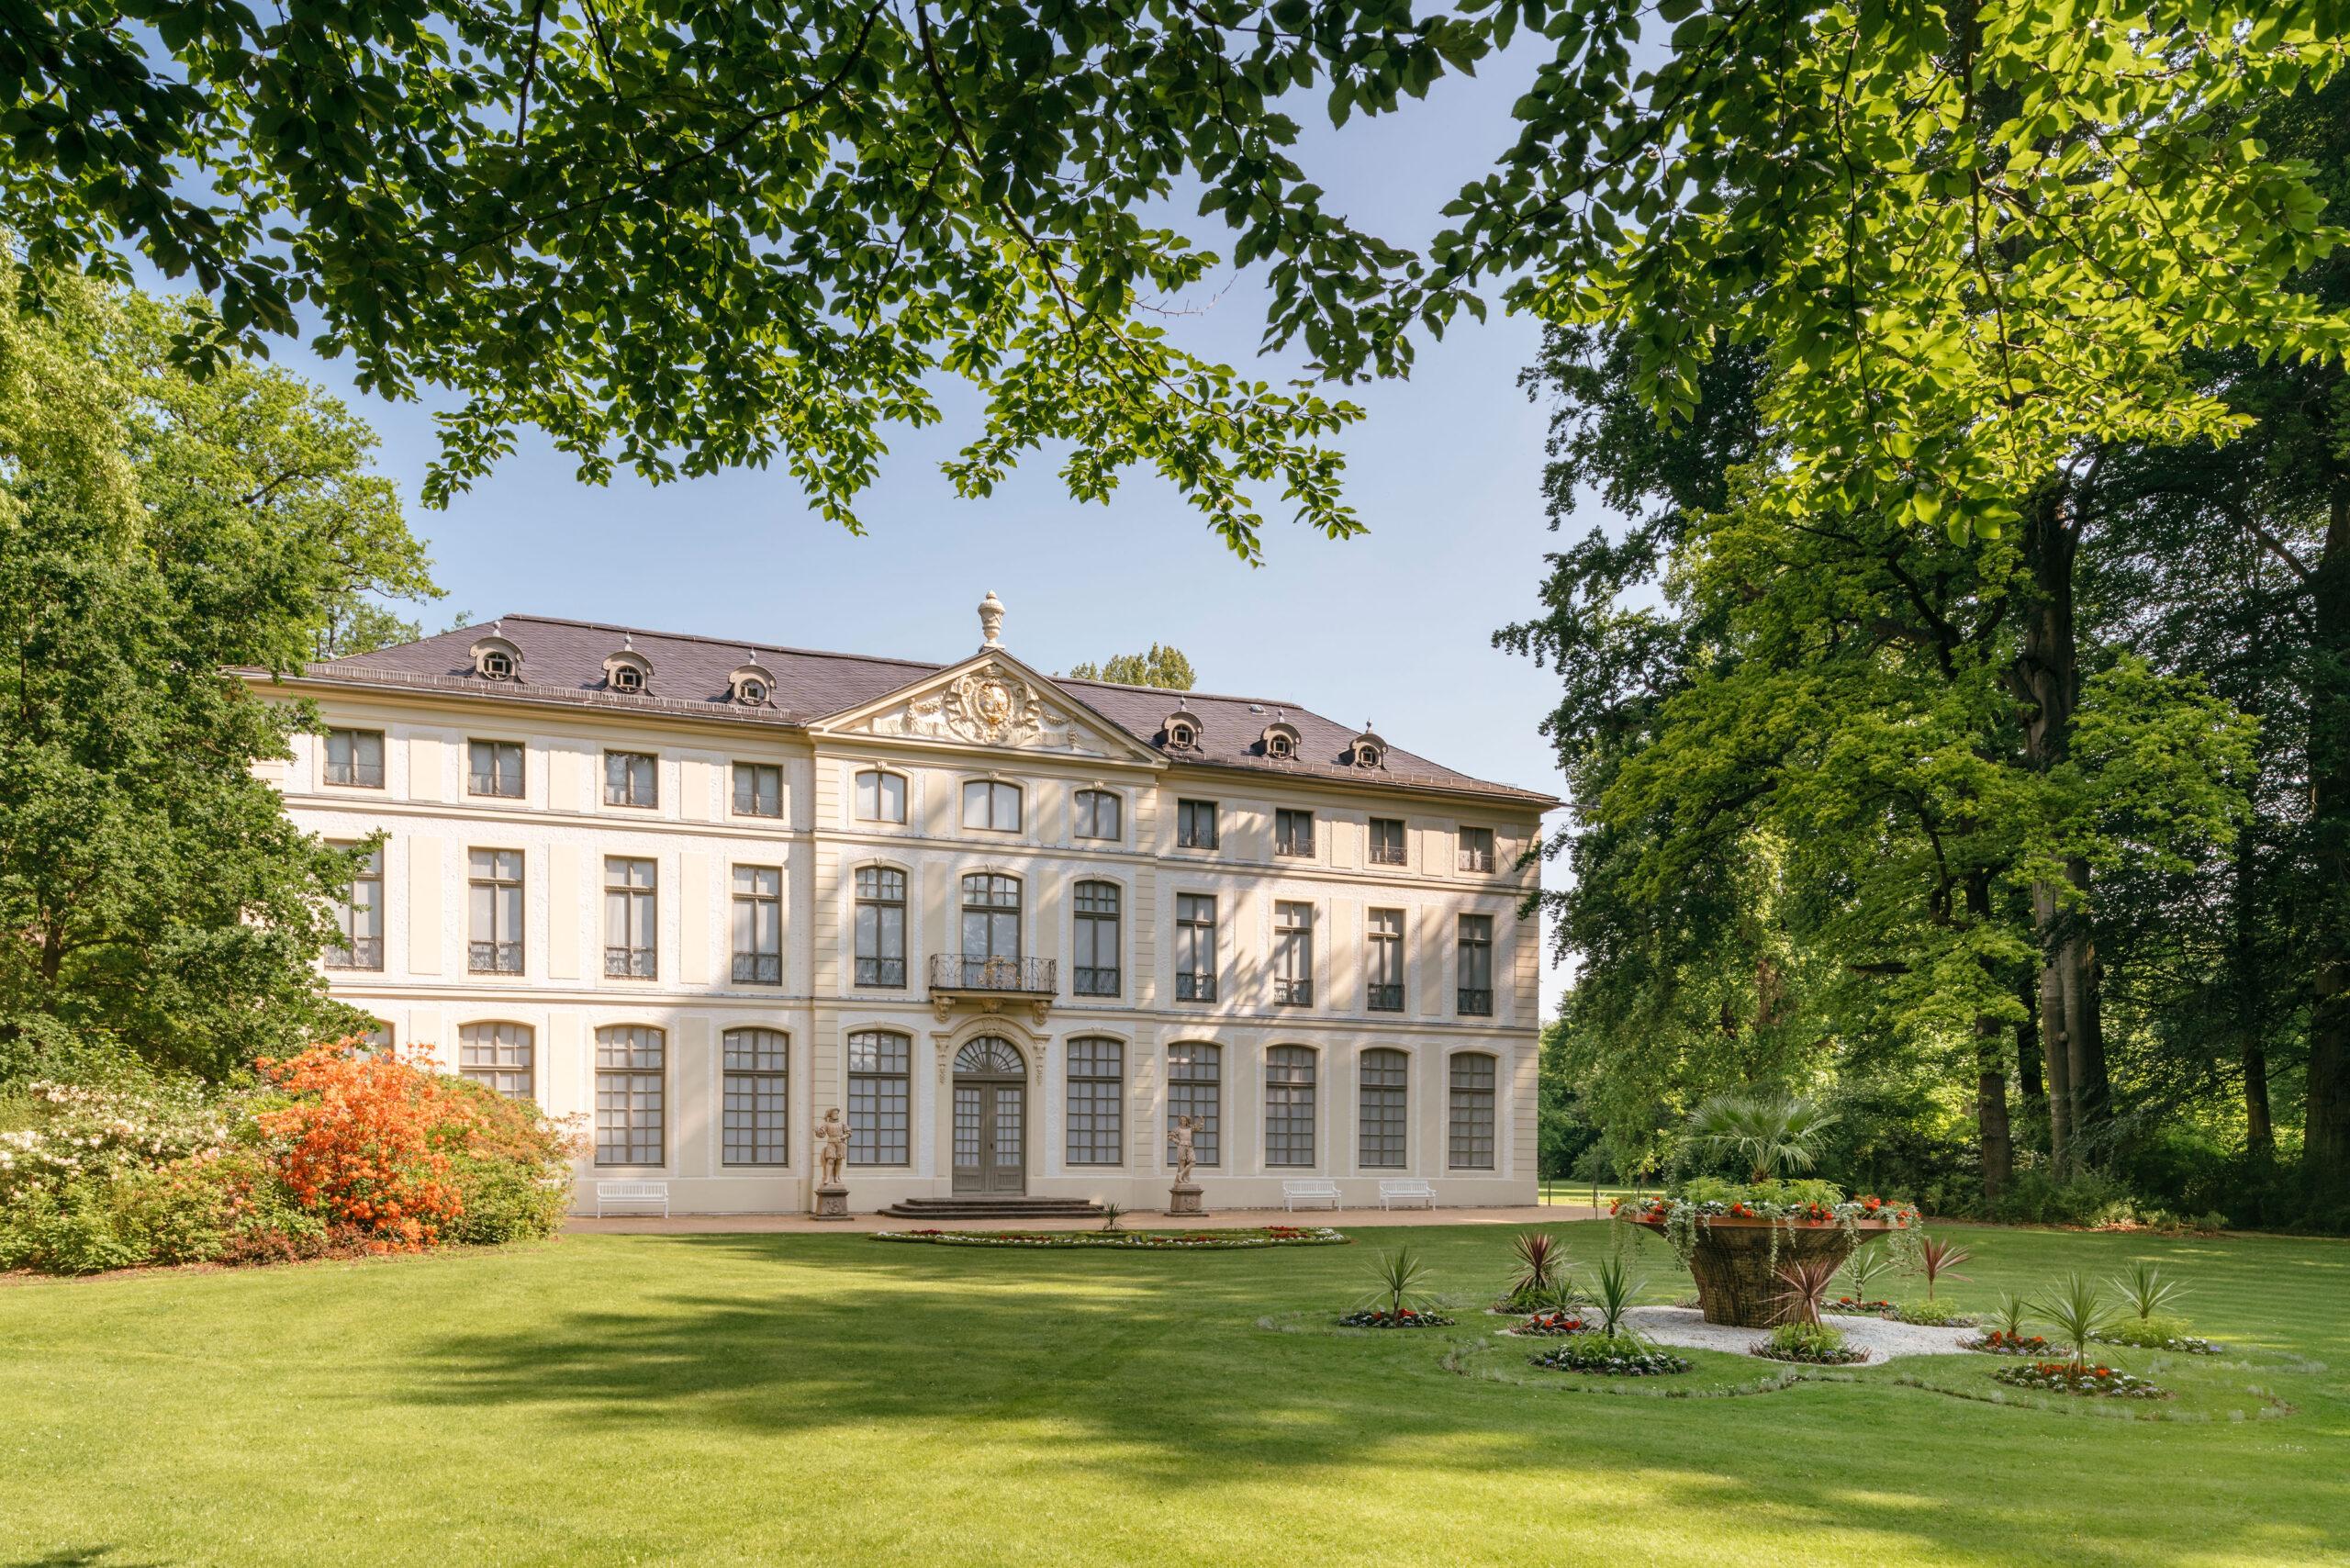 Sommerpalais in Greiz © Marcus Glahn / Stiftung Schloss Friedenstein Gotha für die Schatzkammer Thüringen